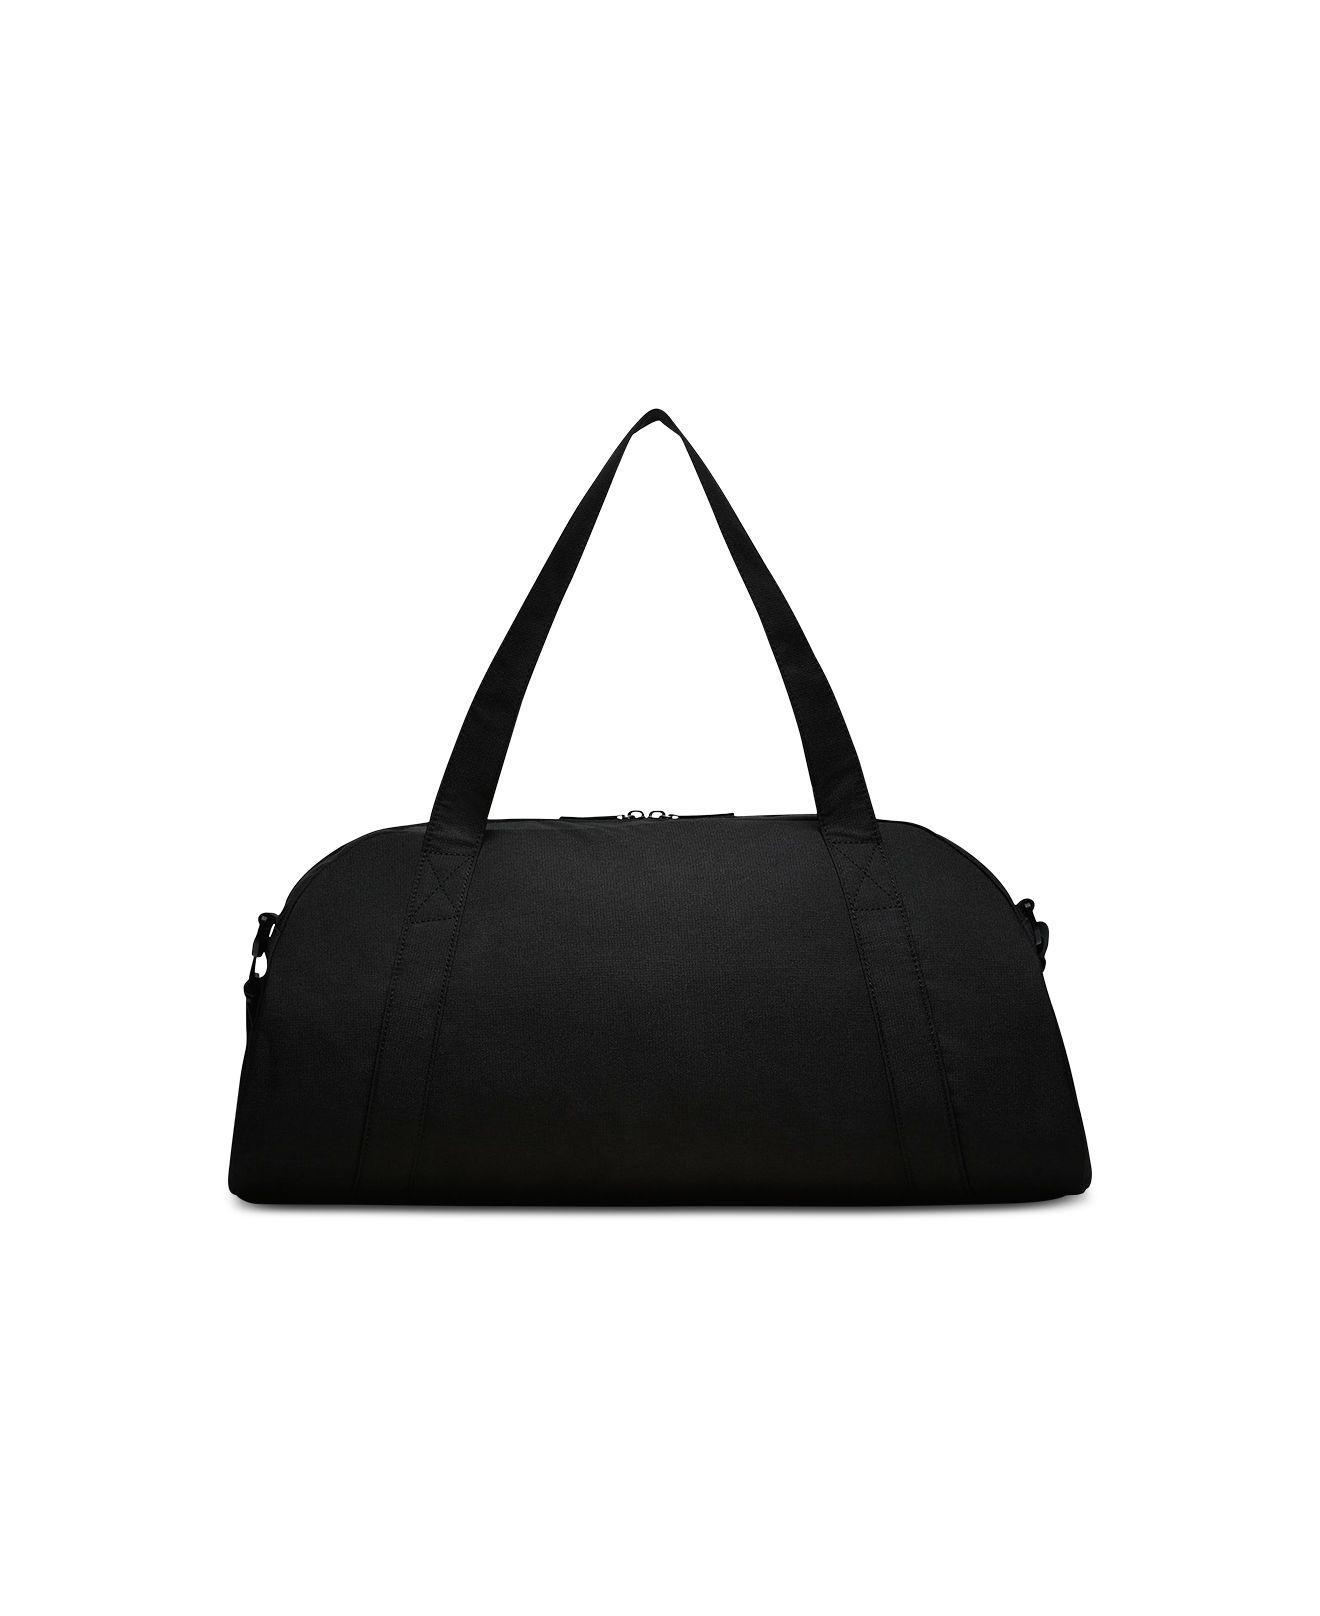 470b7e3a90 Lyst - Nike Gym Club Training Duffel Bag in Black